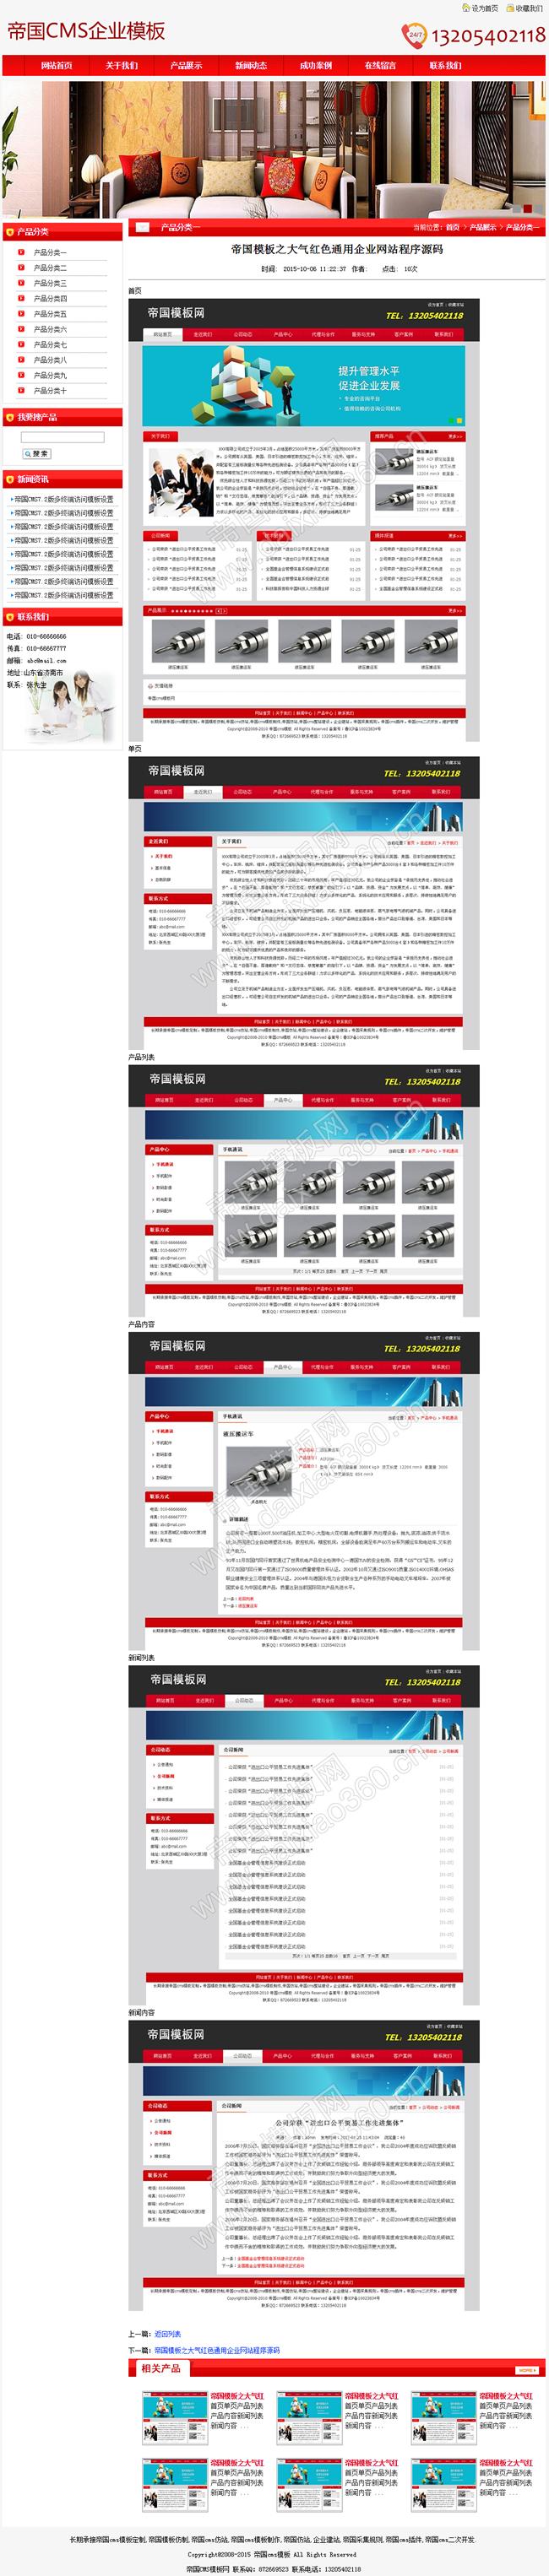 帝国企业模板之红色通用公司企业网站源码程序_内容页